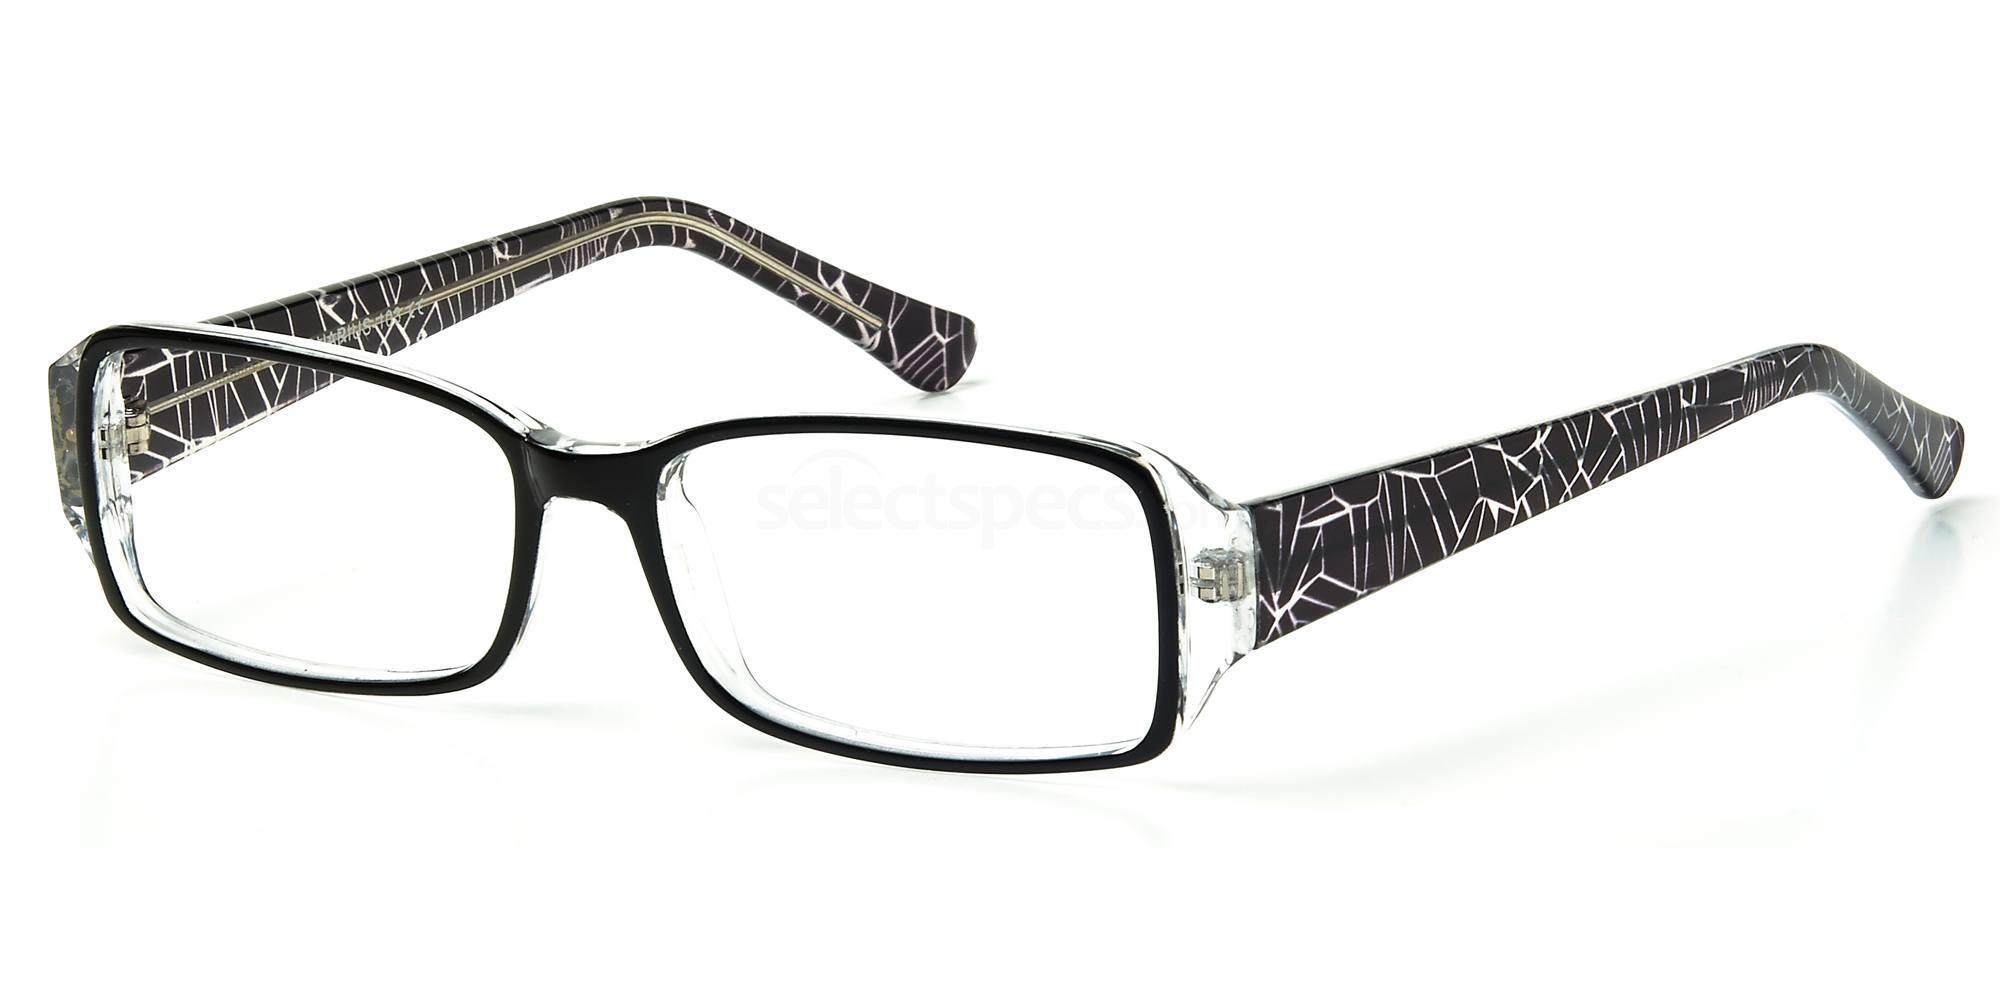 C1 AQ103 Glasses, Aquarius